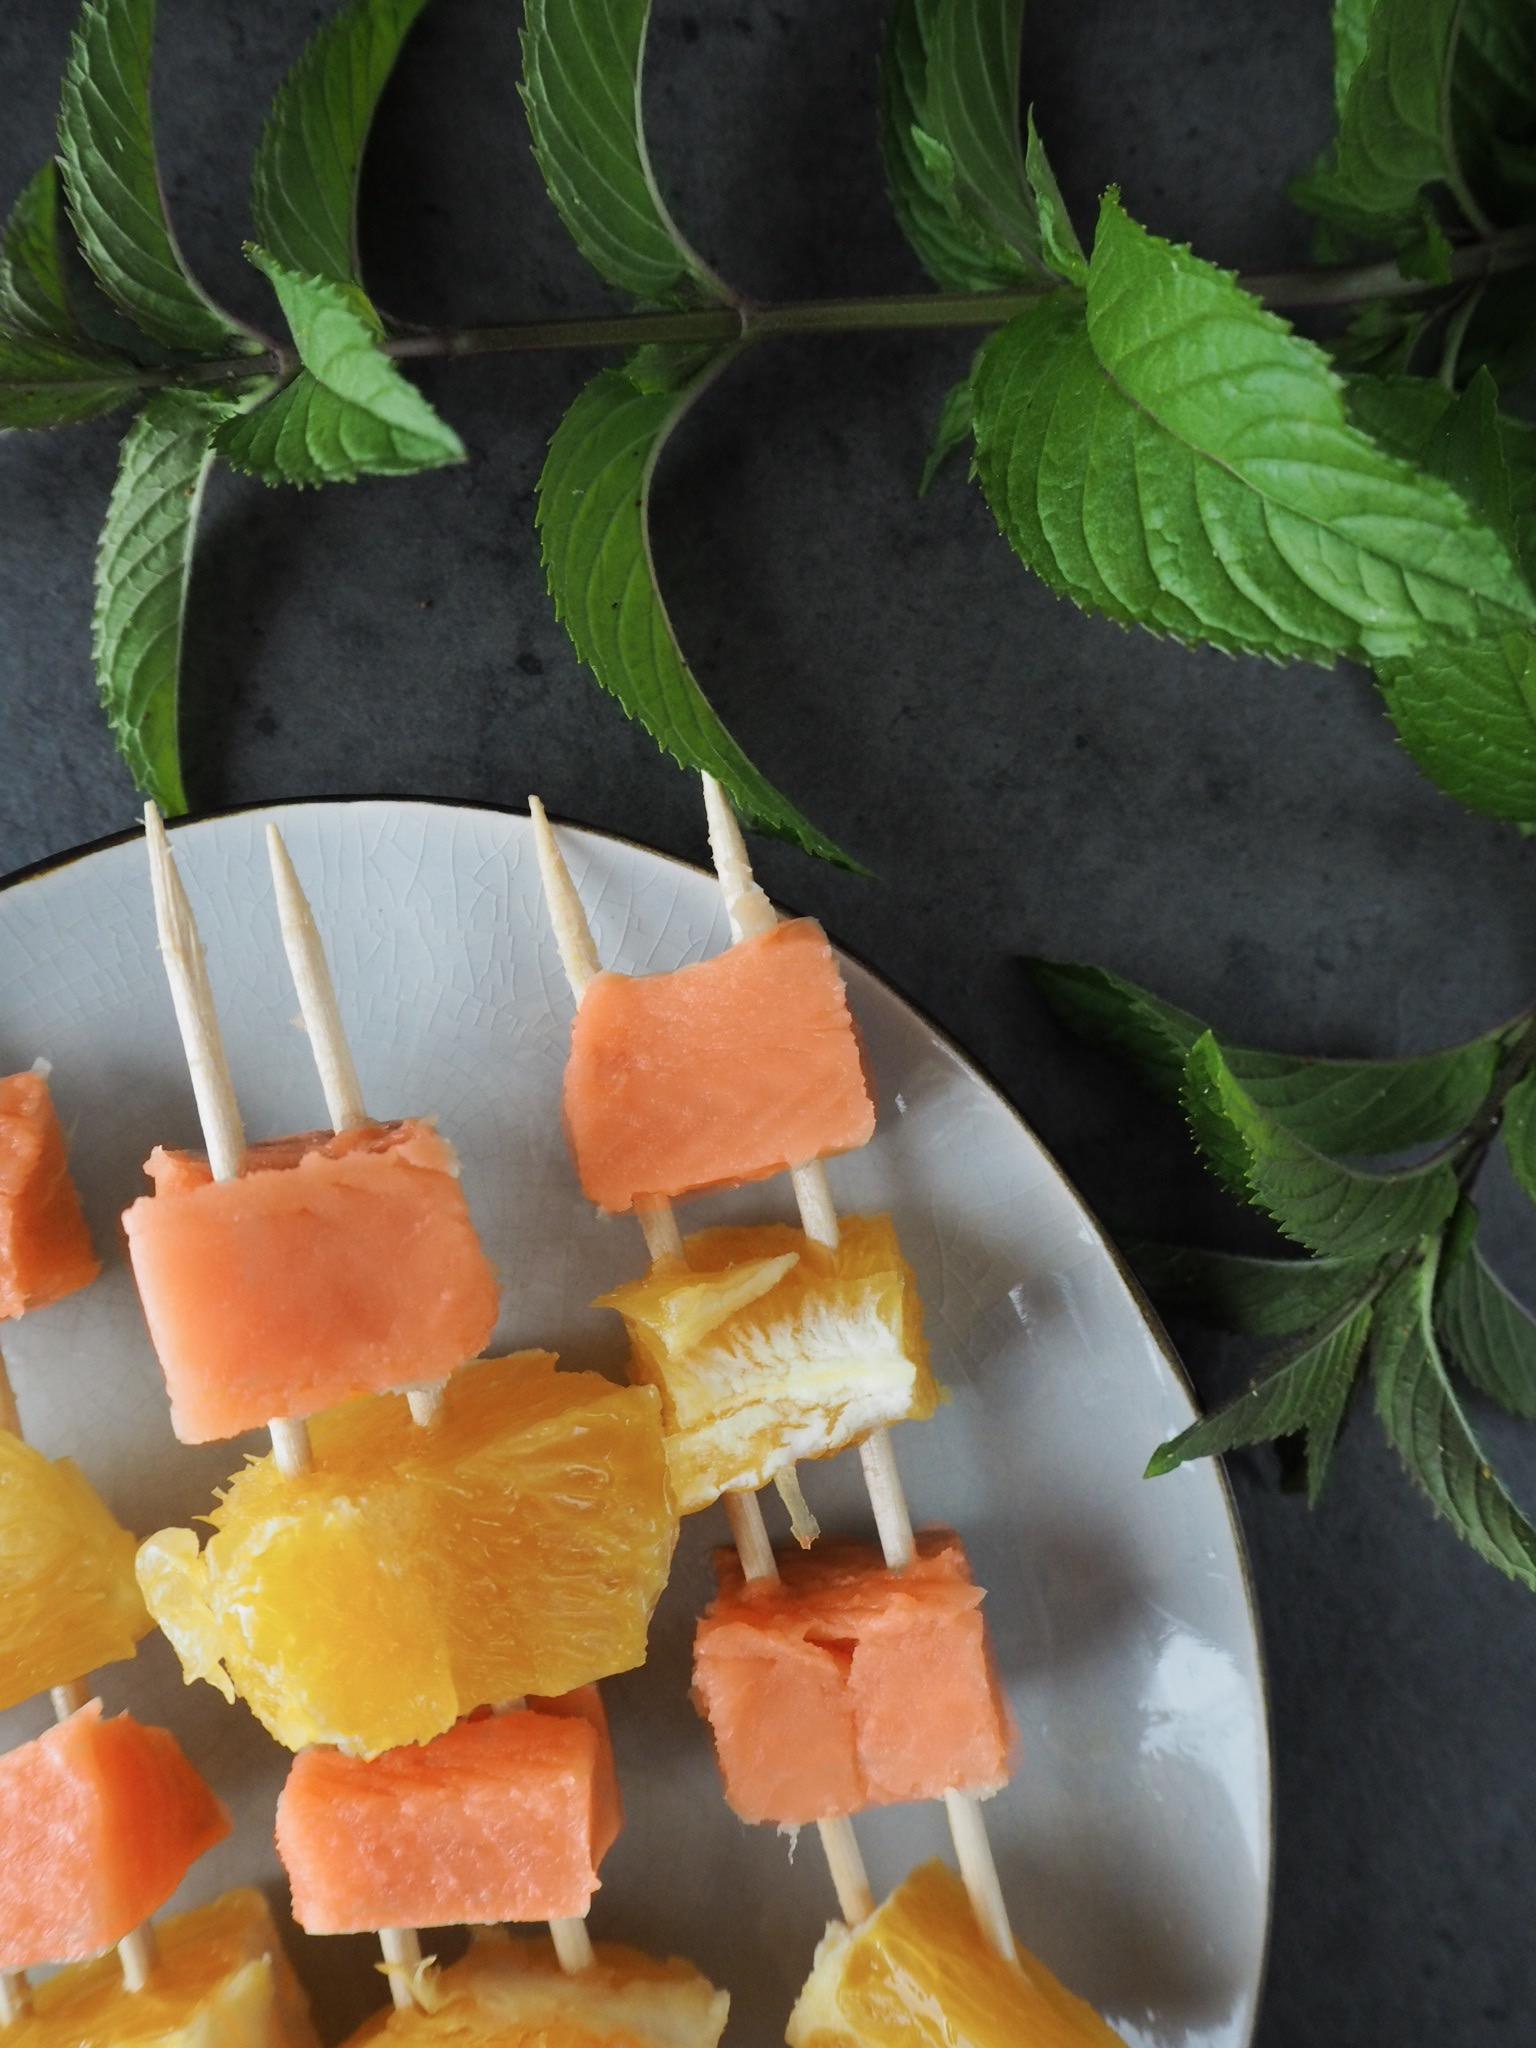 Orangen-Lachsspieße roh auf dunklem Untergrund, oben mit Minze dekoriert